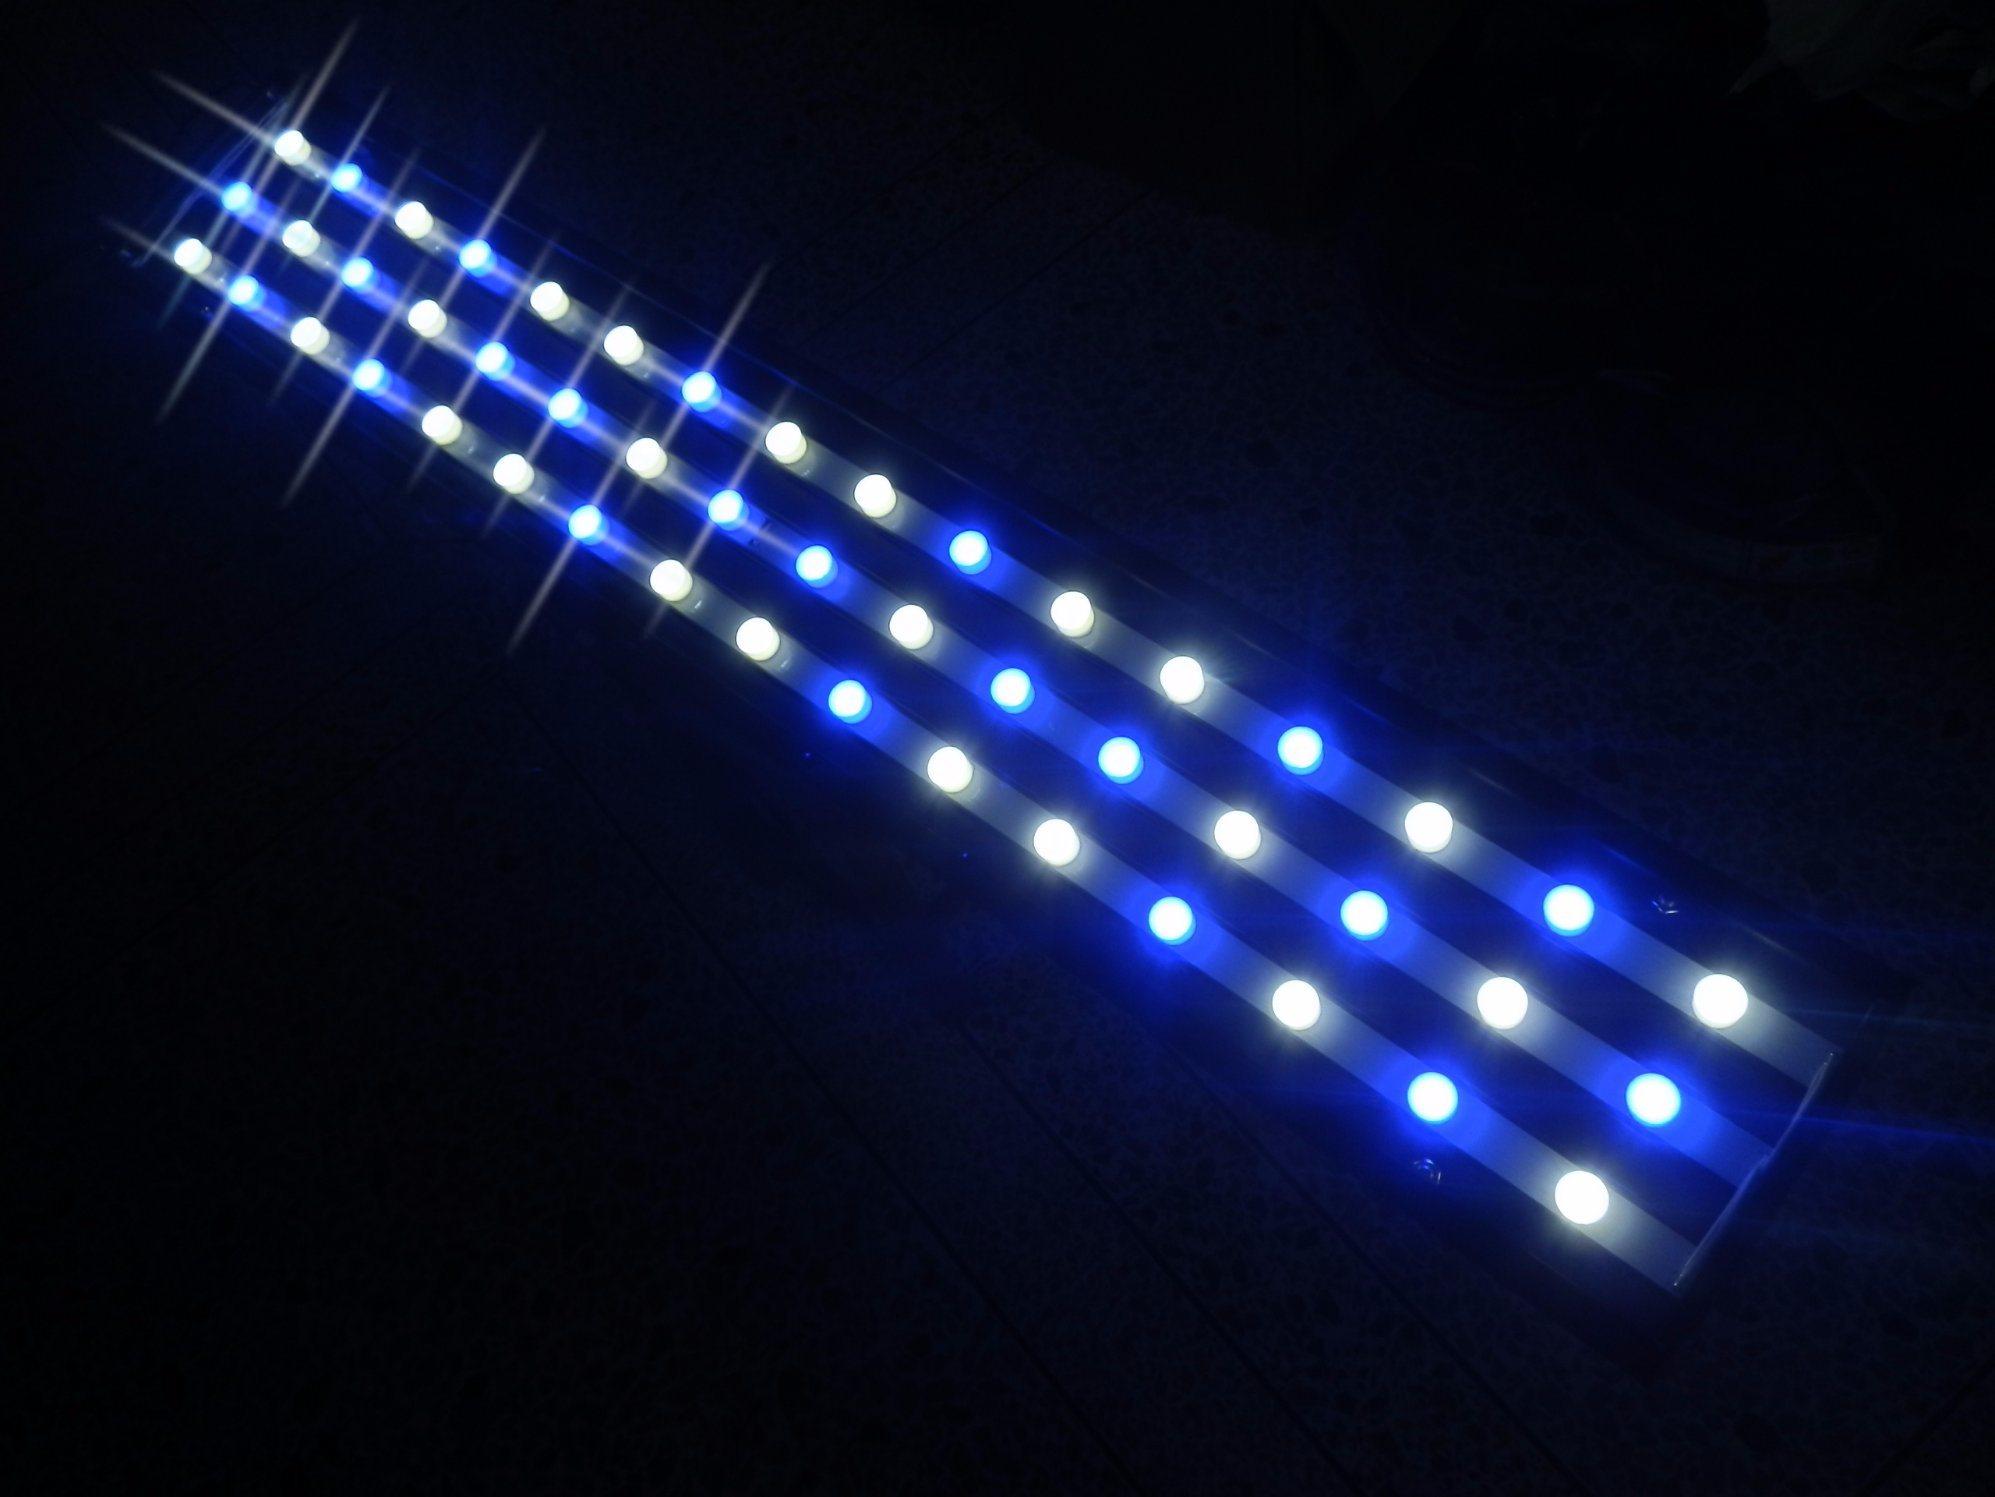 162W White+Blue LED Aquarium Light for Fish Tank